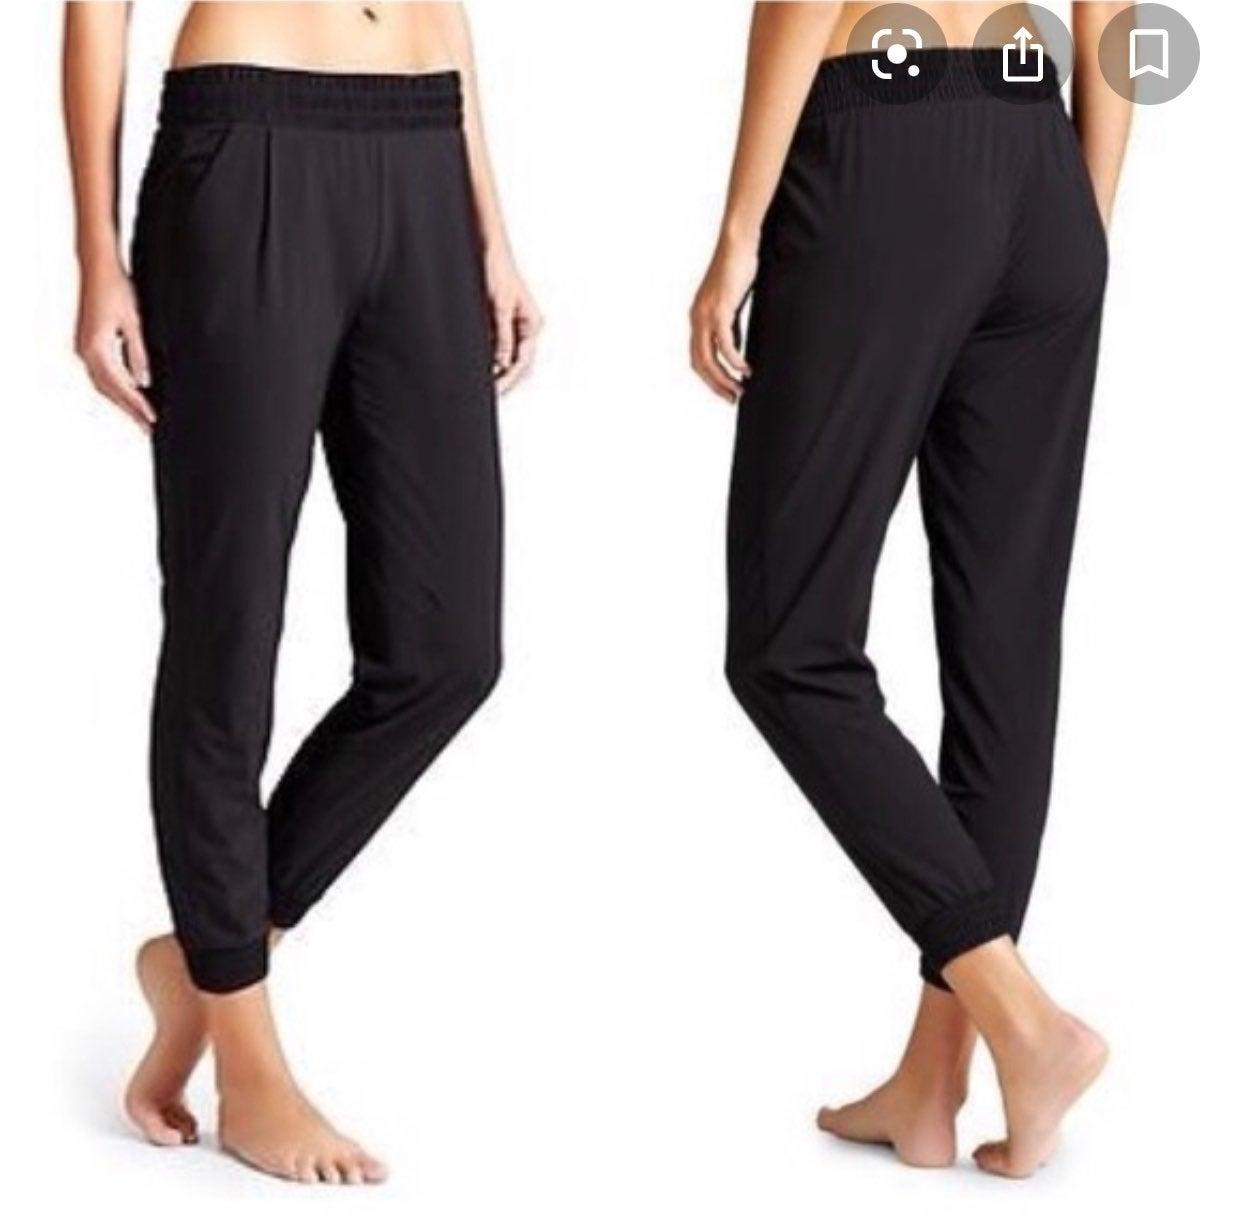 Athleta Aliso black jogger pants 10 A4